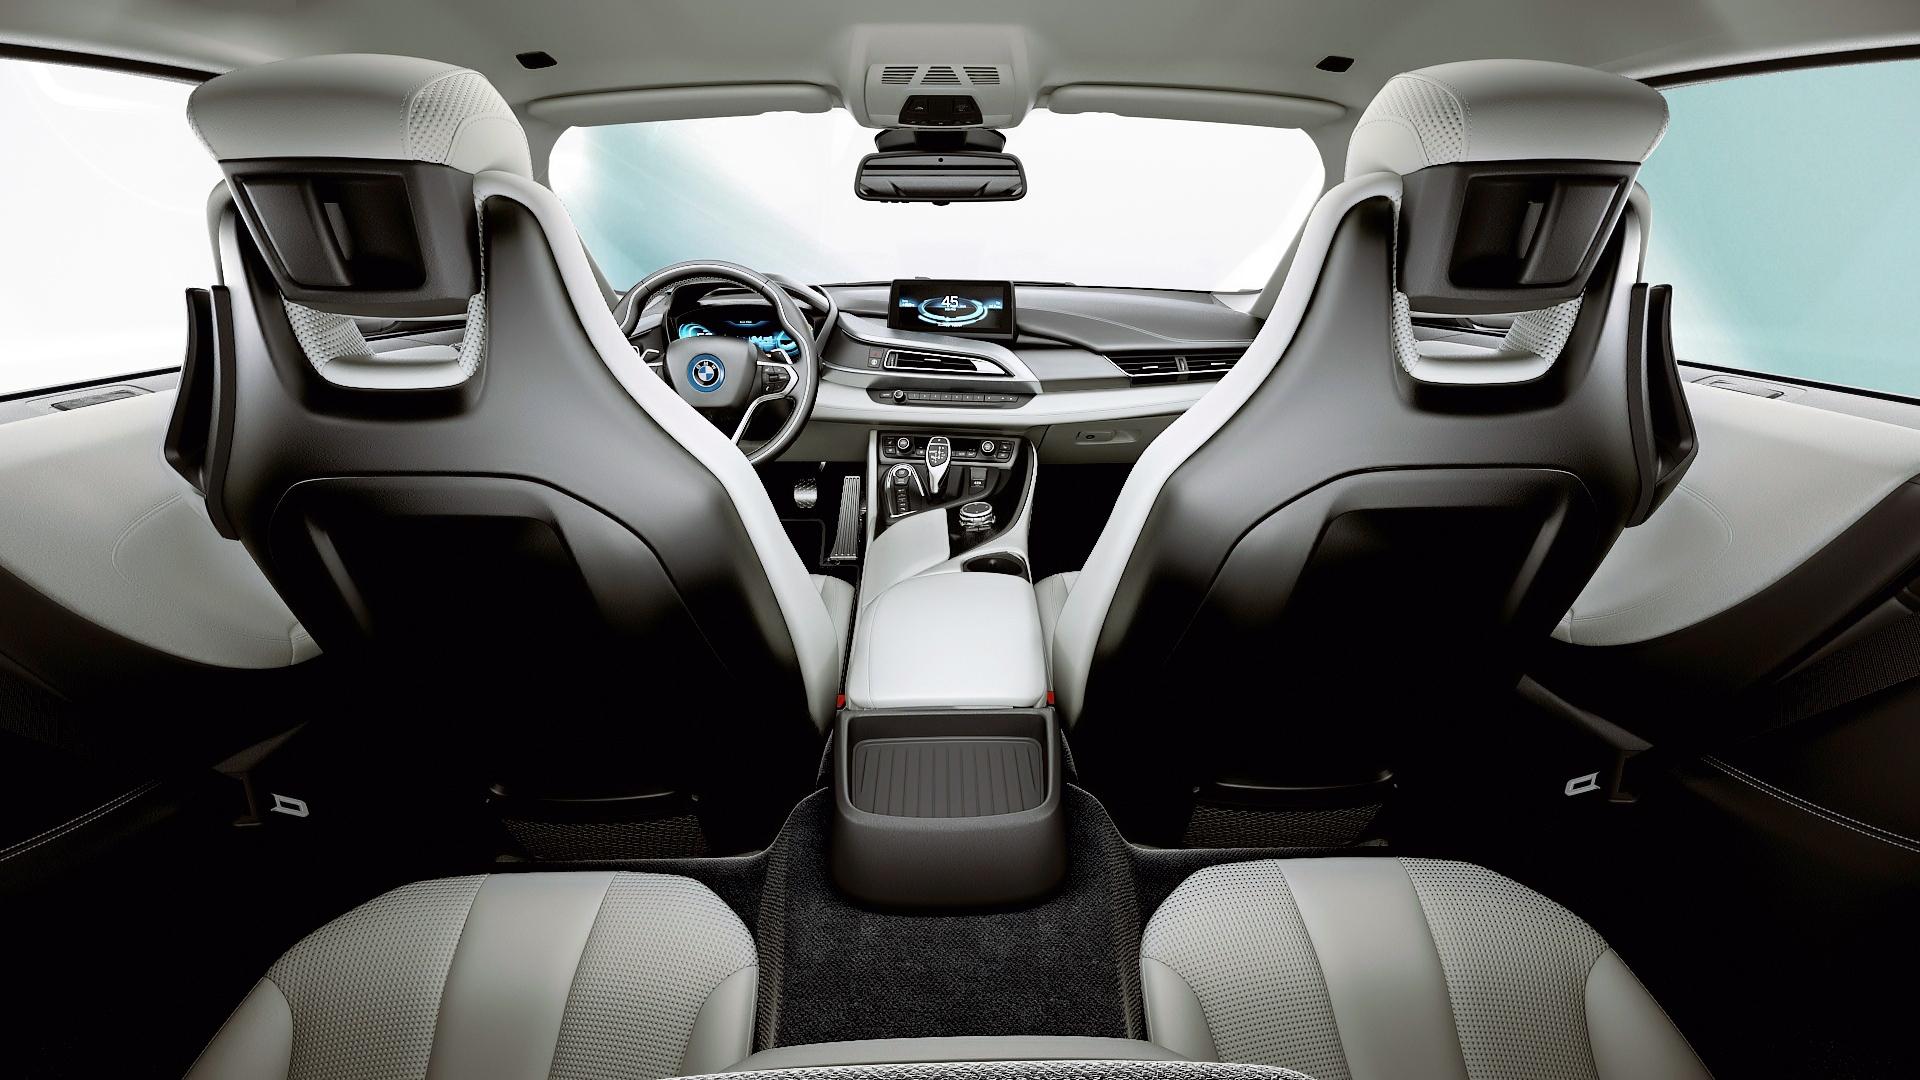 BMW I8 Interior   SMCars.Net   Car Blueprints Forum